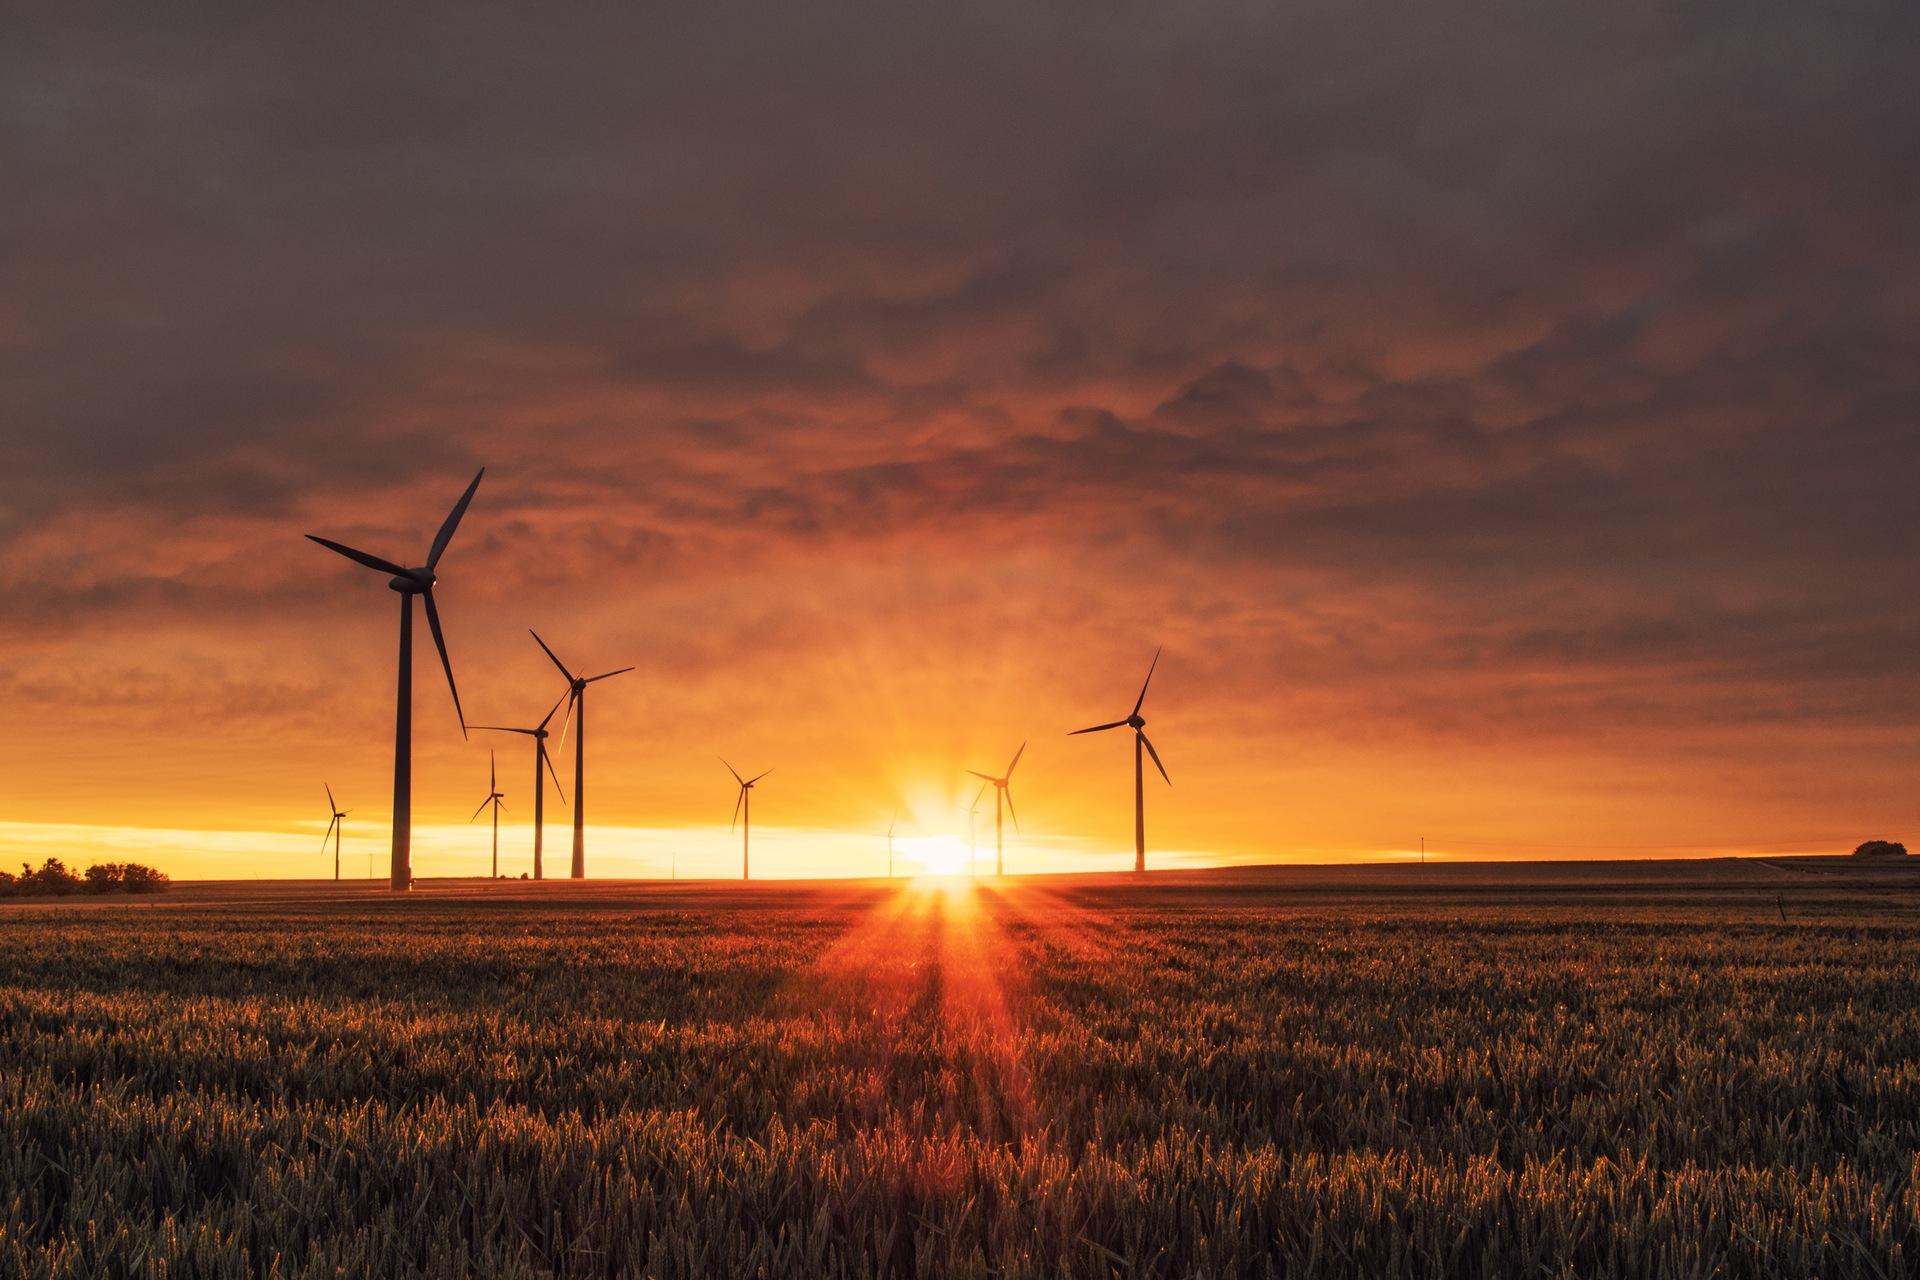 En 2017, Google dépendra à 100 % des énergies renouvelables